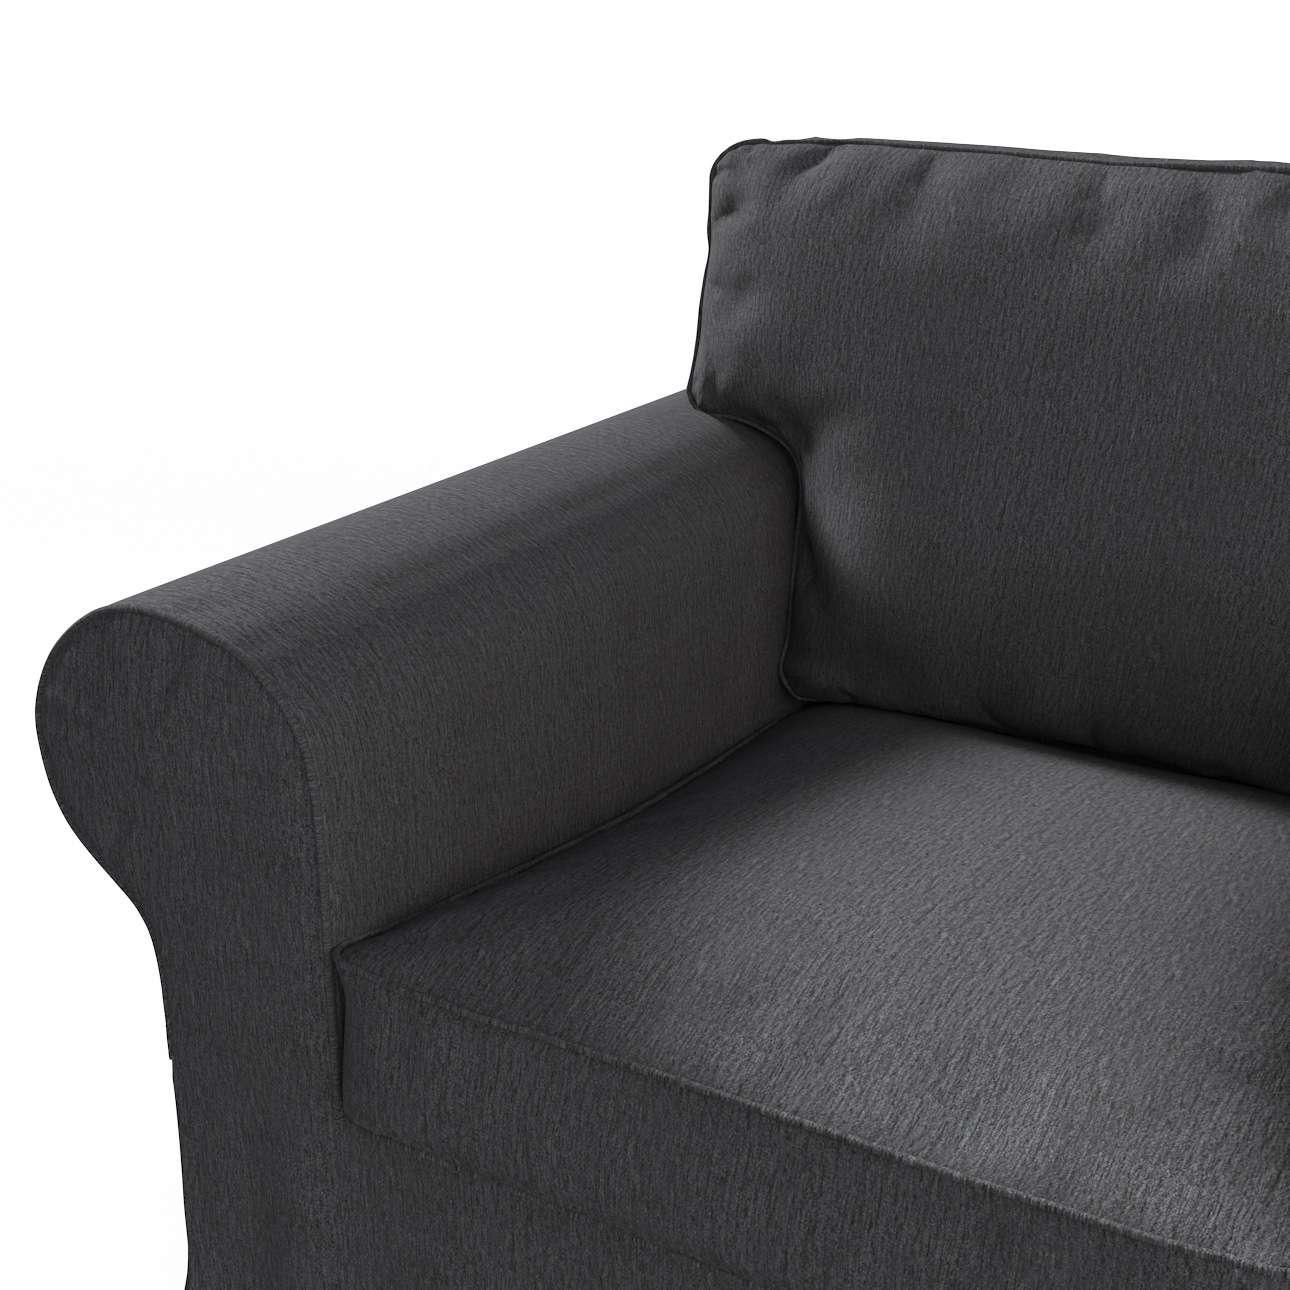 EKTORP fotelio užvalkalas Ektorp fotelio užvalkalas kolekcijoje Chenille, audinys: 702-20